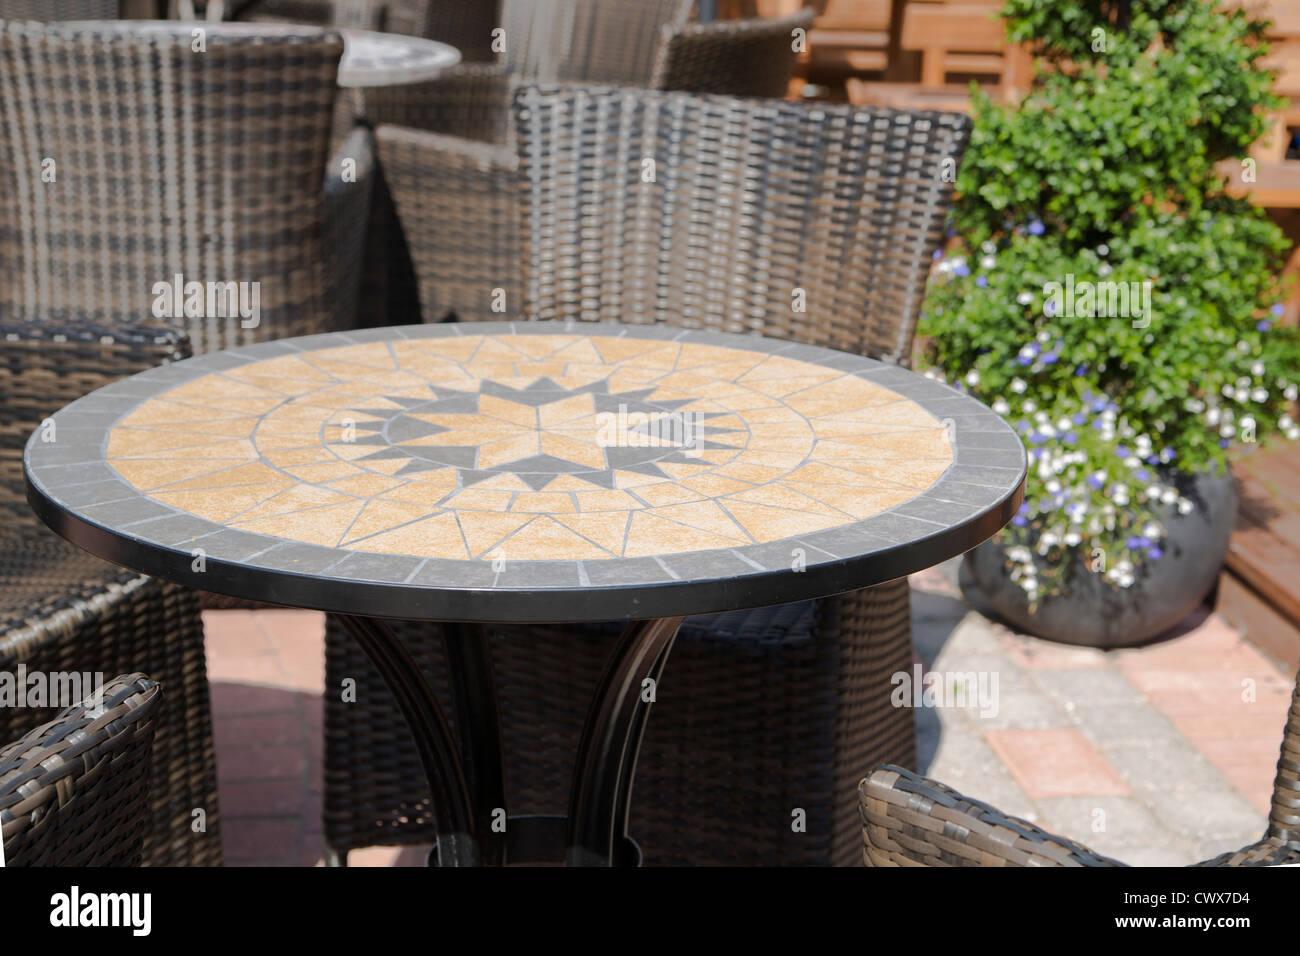 Rond et décoré avec illustration intéressante labyrinthe table Photo Stock